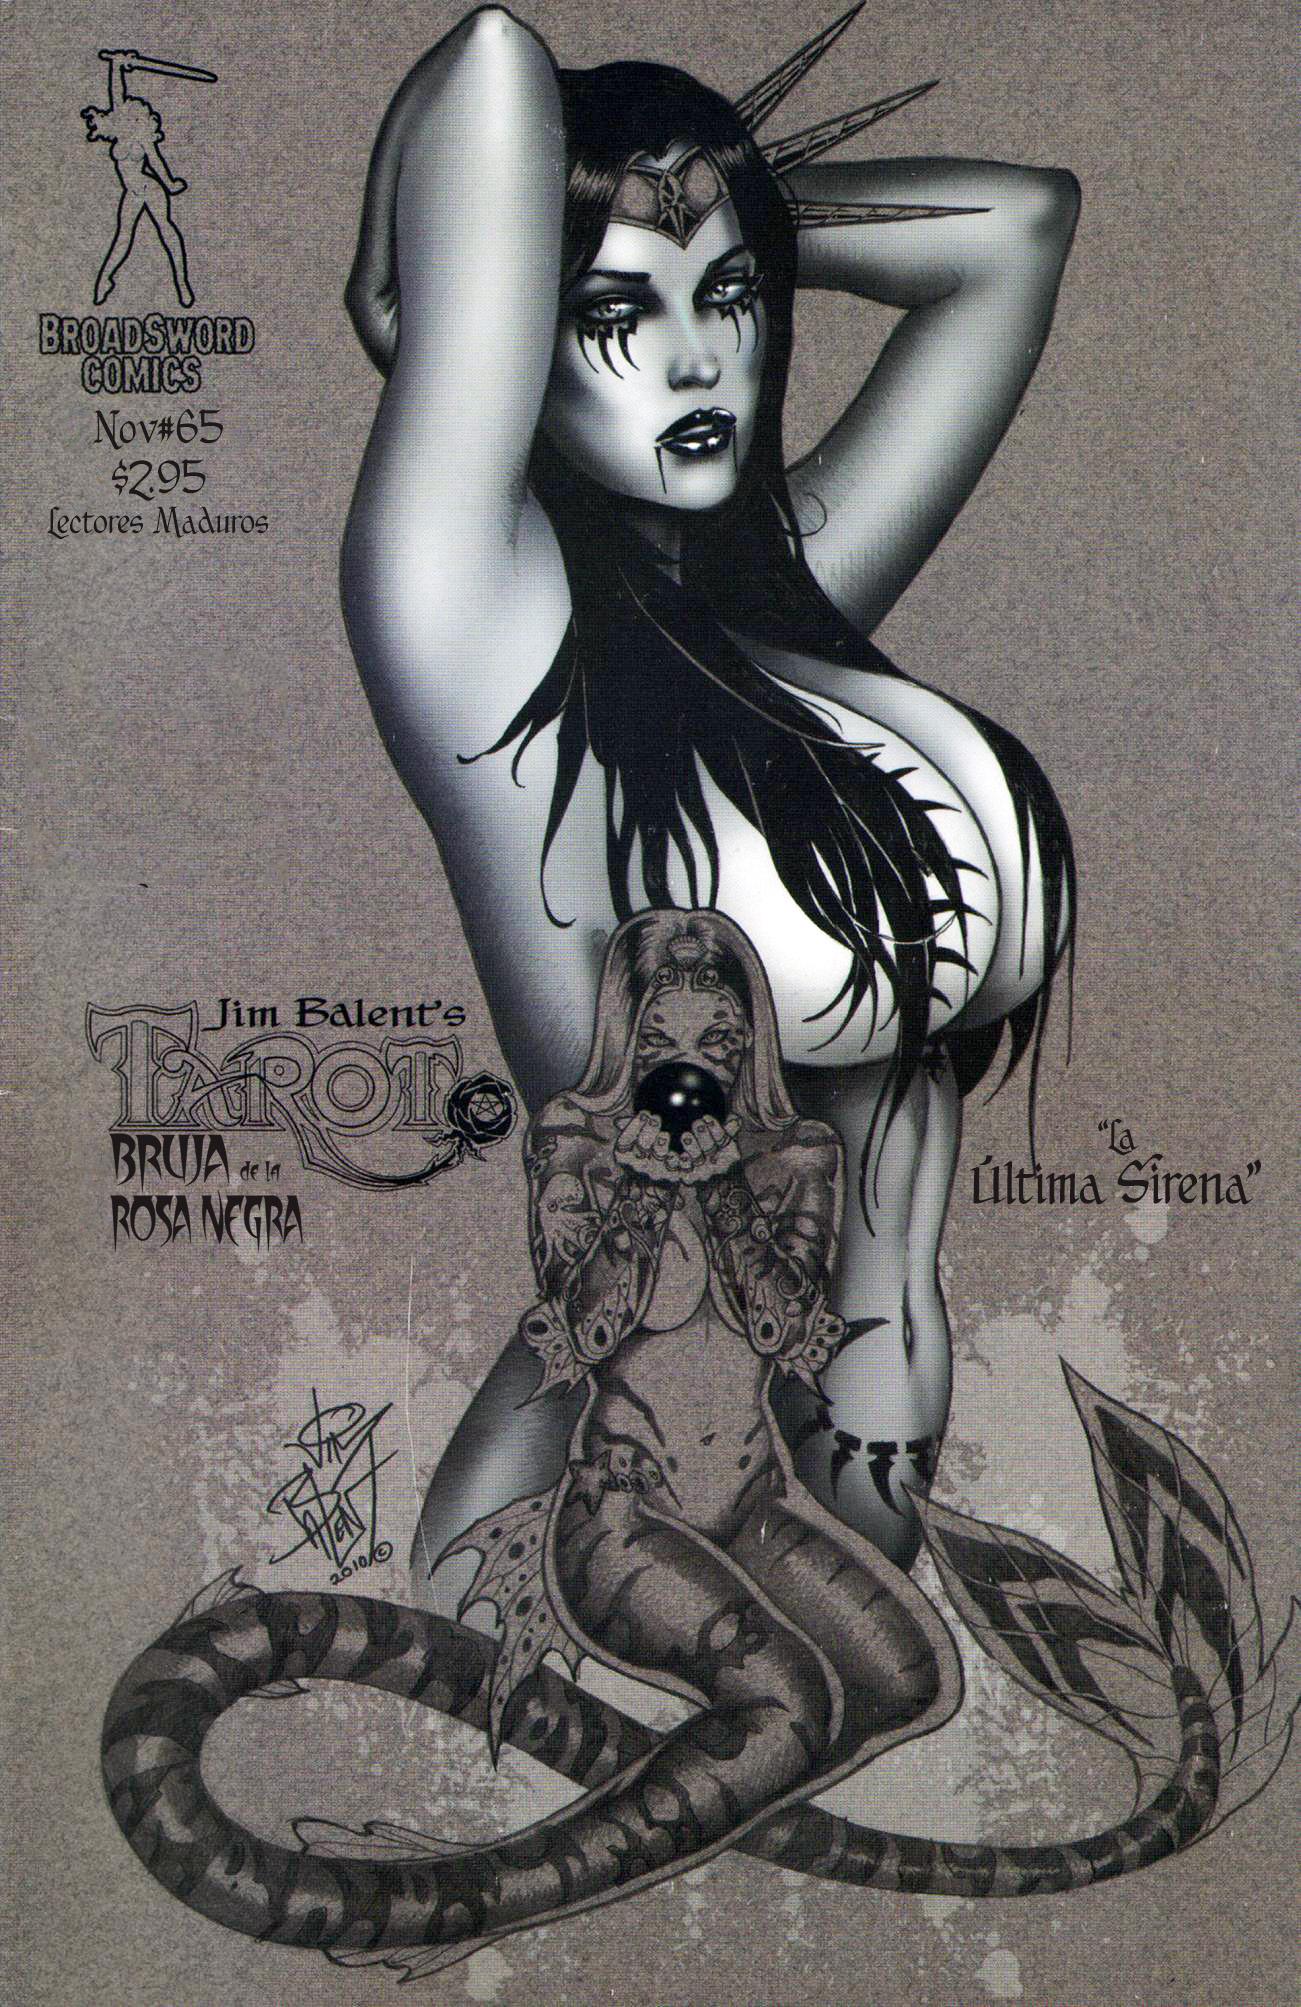 Tarot, Bruja de La Rosa Negra 65 La Ultima Sirena